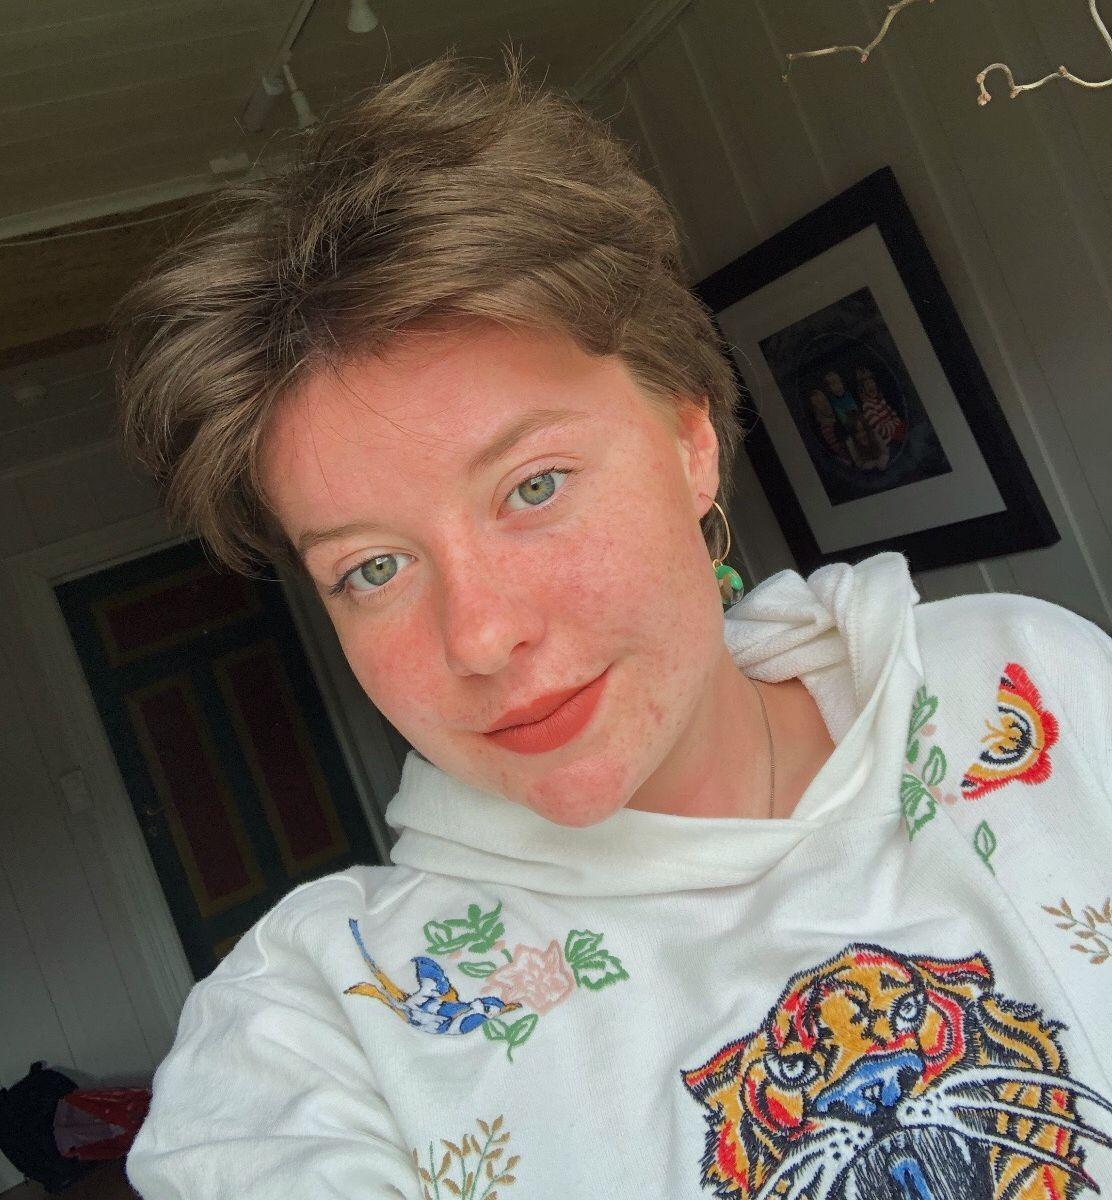 «25 UNDER 25»: Live Lerfald Bergum skriver om skjønnhetspress i «25 under 25», kronikkserien for unge.